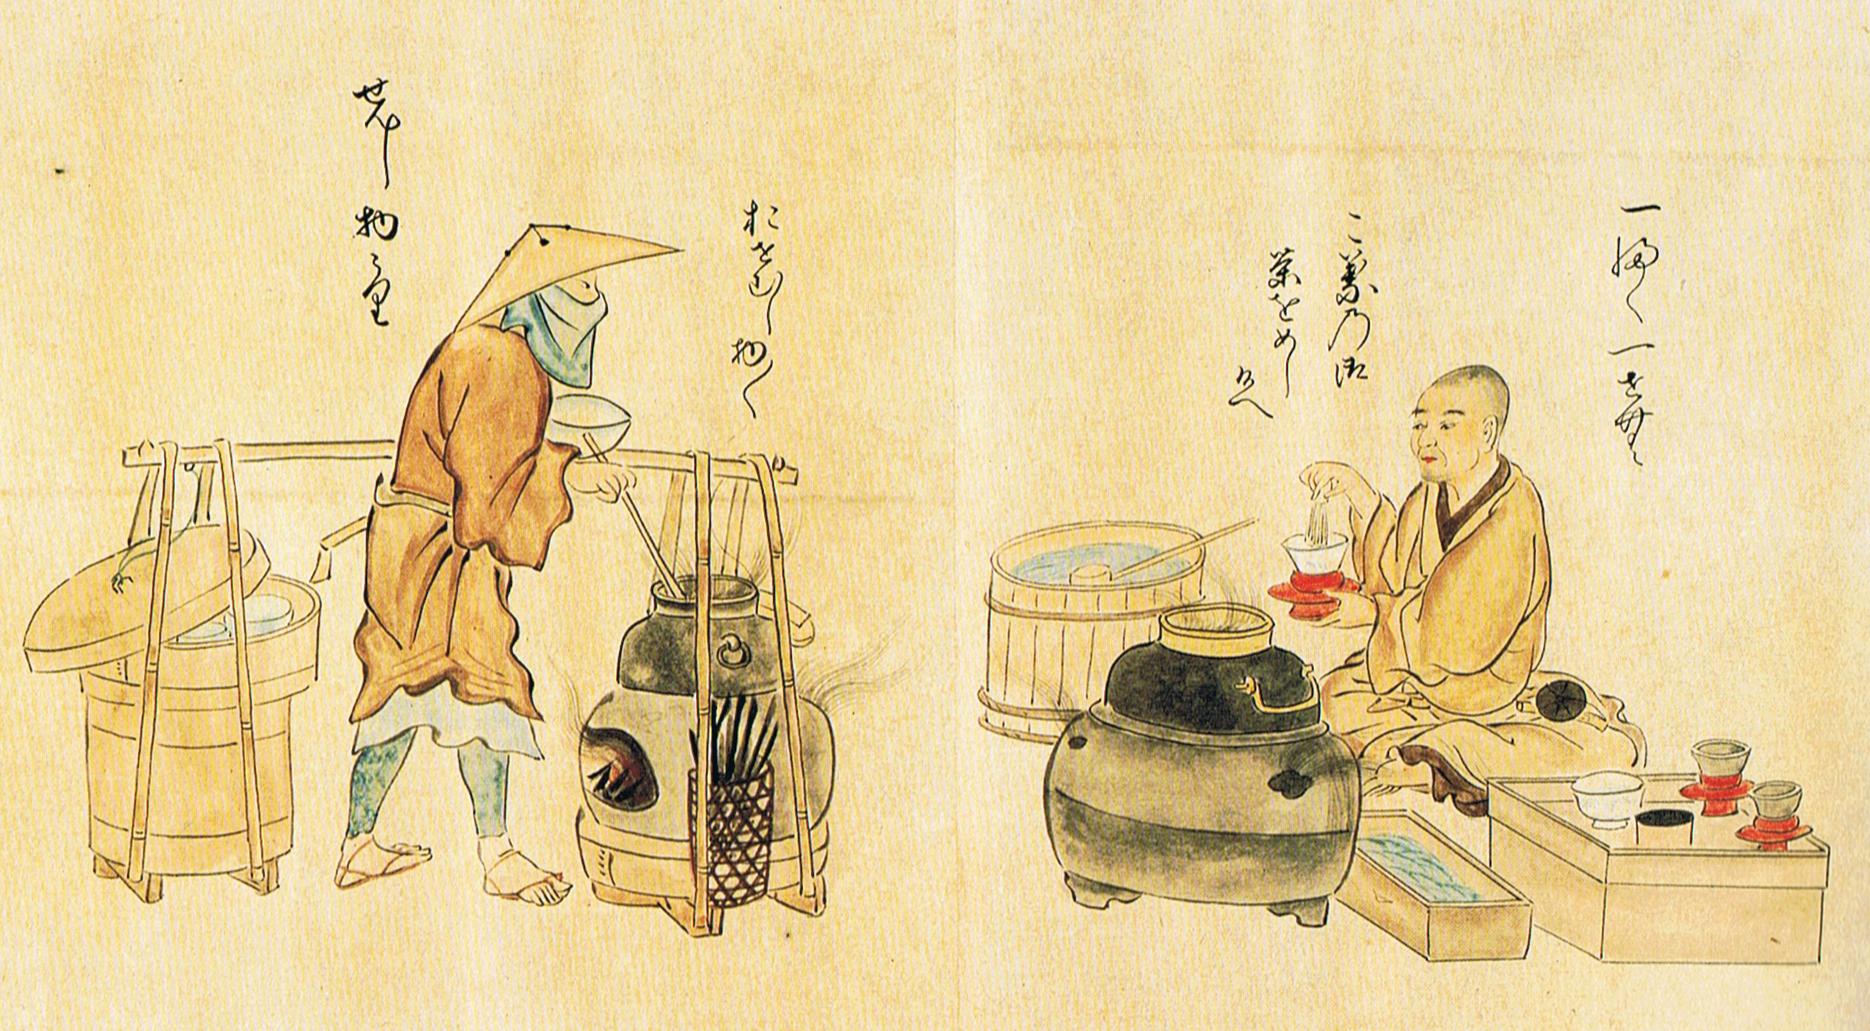 Summer Institute: Studies in Japanese Popular Culture